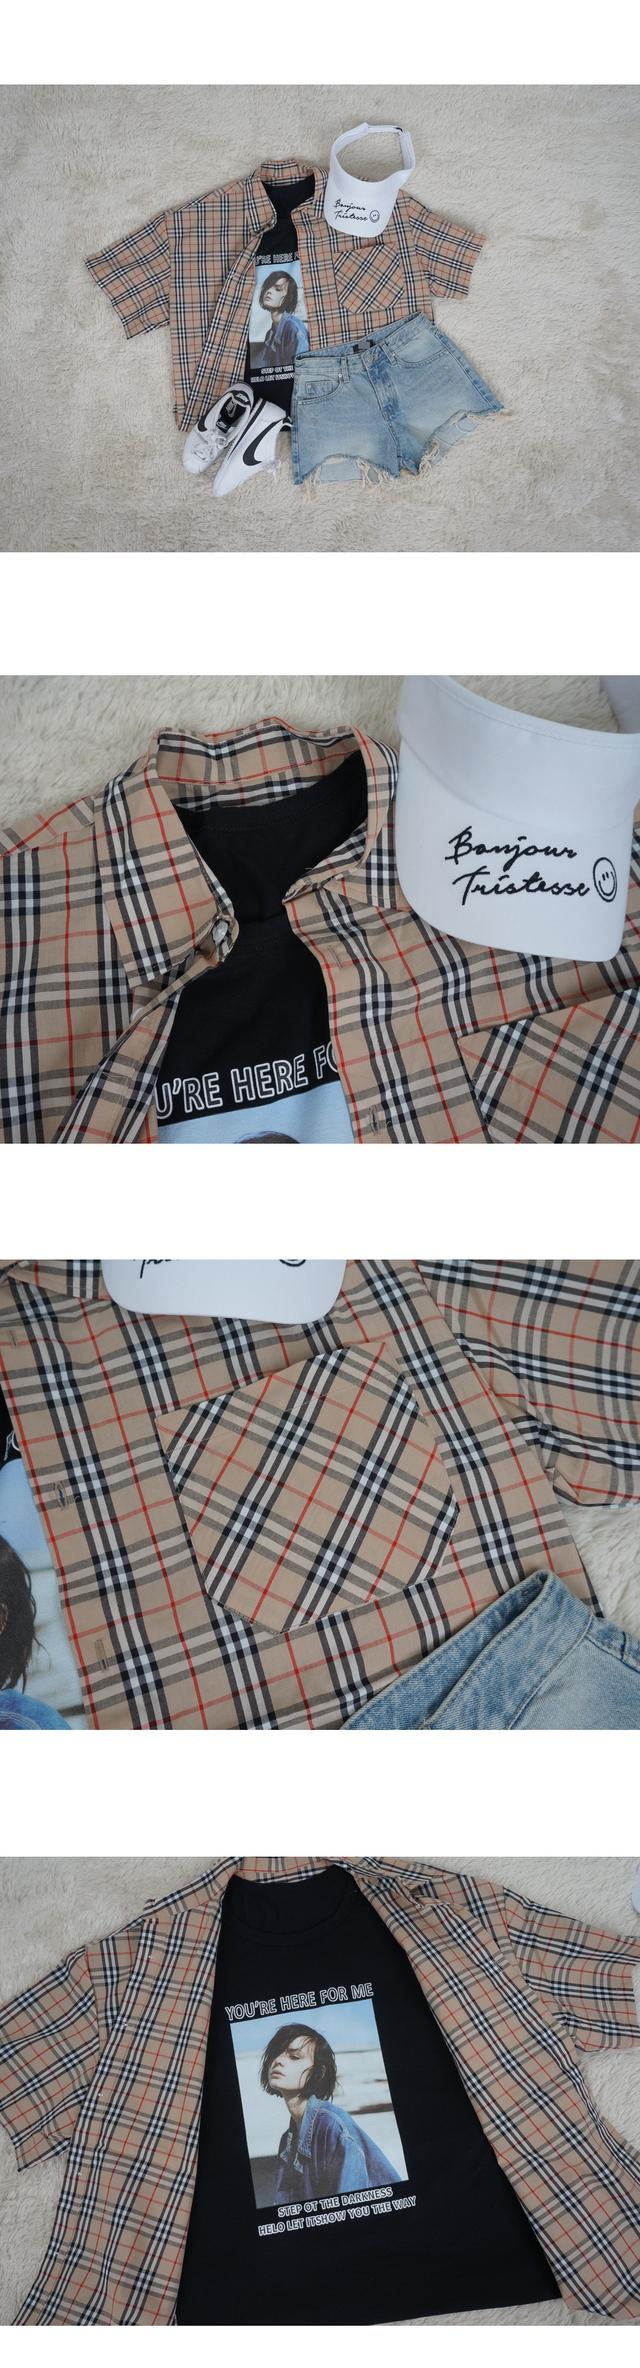 Norris Ruzpit check short-sleeved shirt